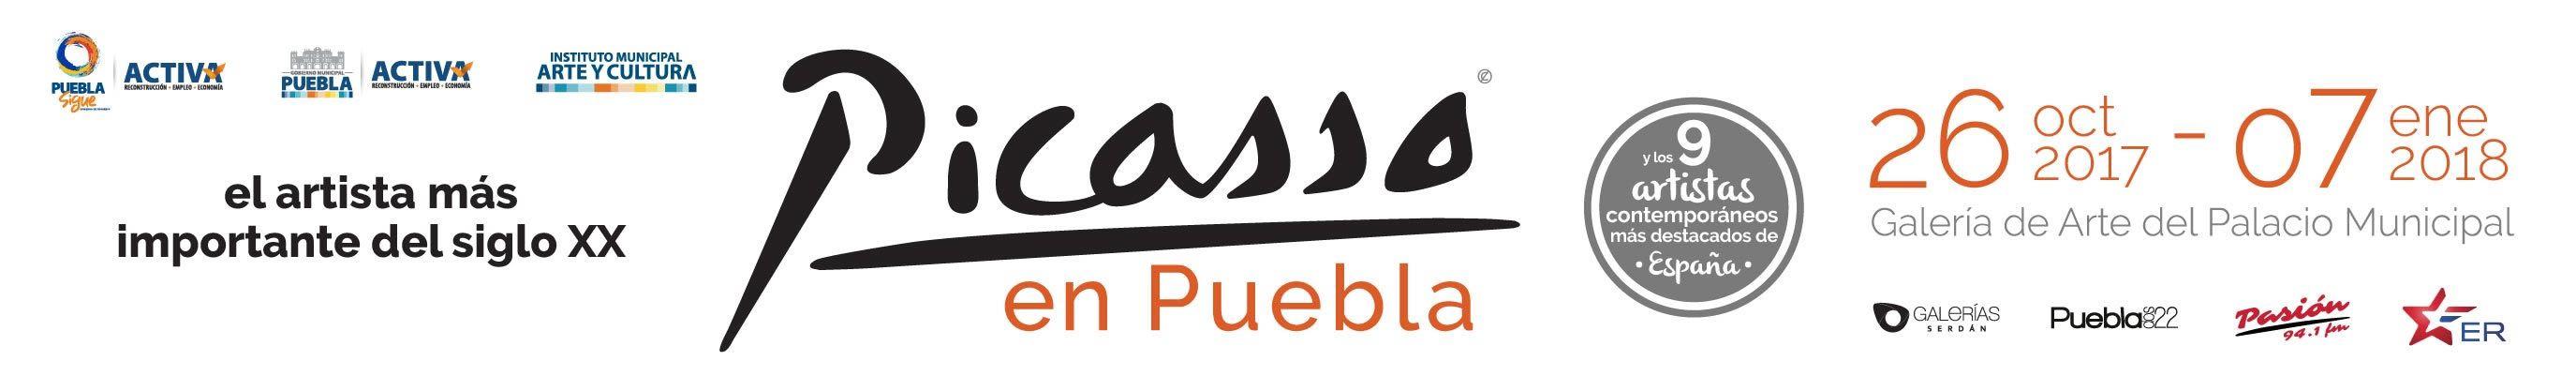 Ayuntamiento Picasso